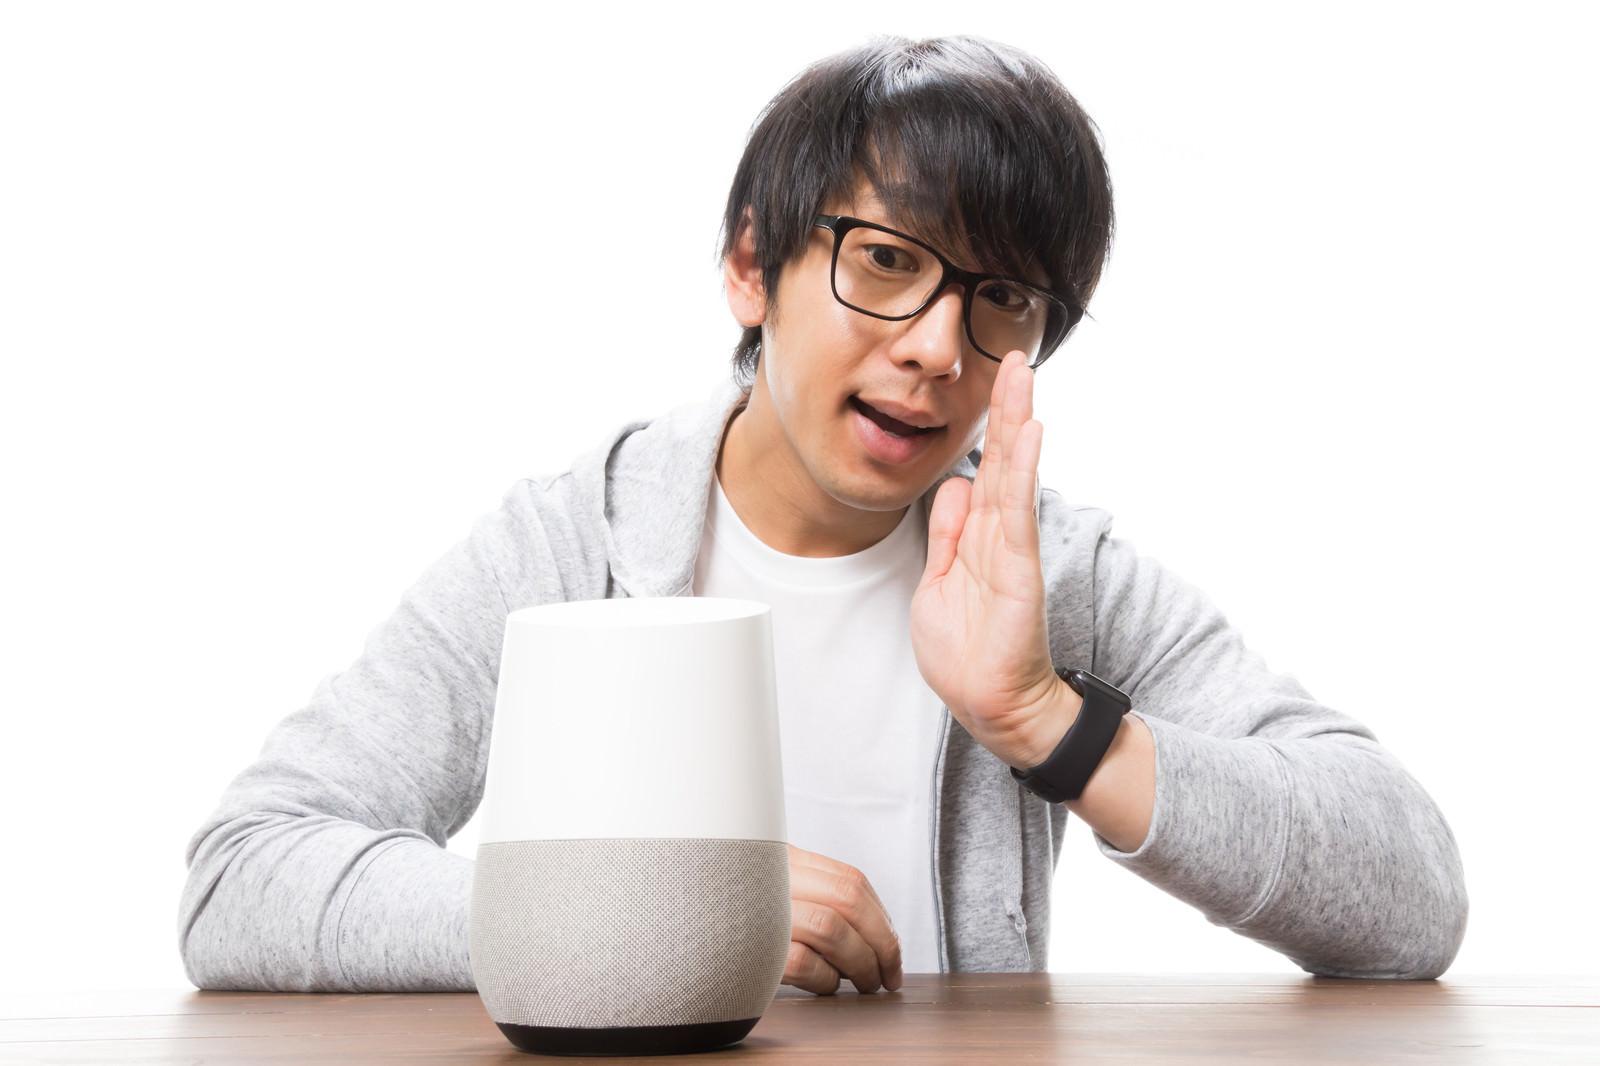 「スマートスピーカーに呼びかけるガジェット男子」の写真[モデル:大川竜弥]